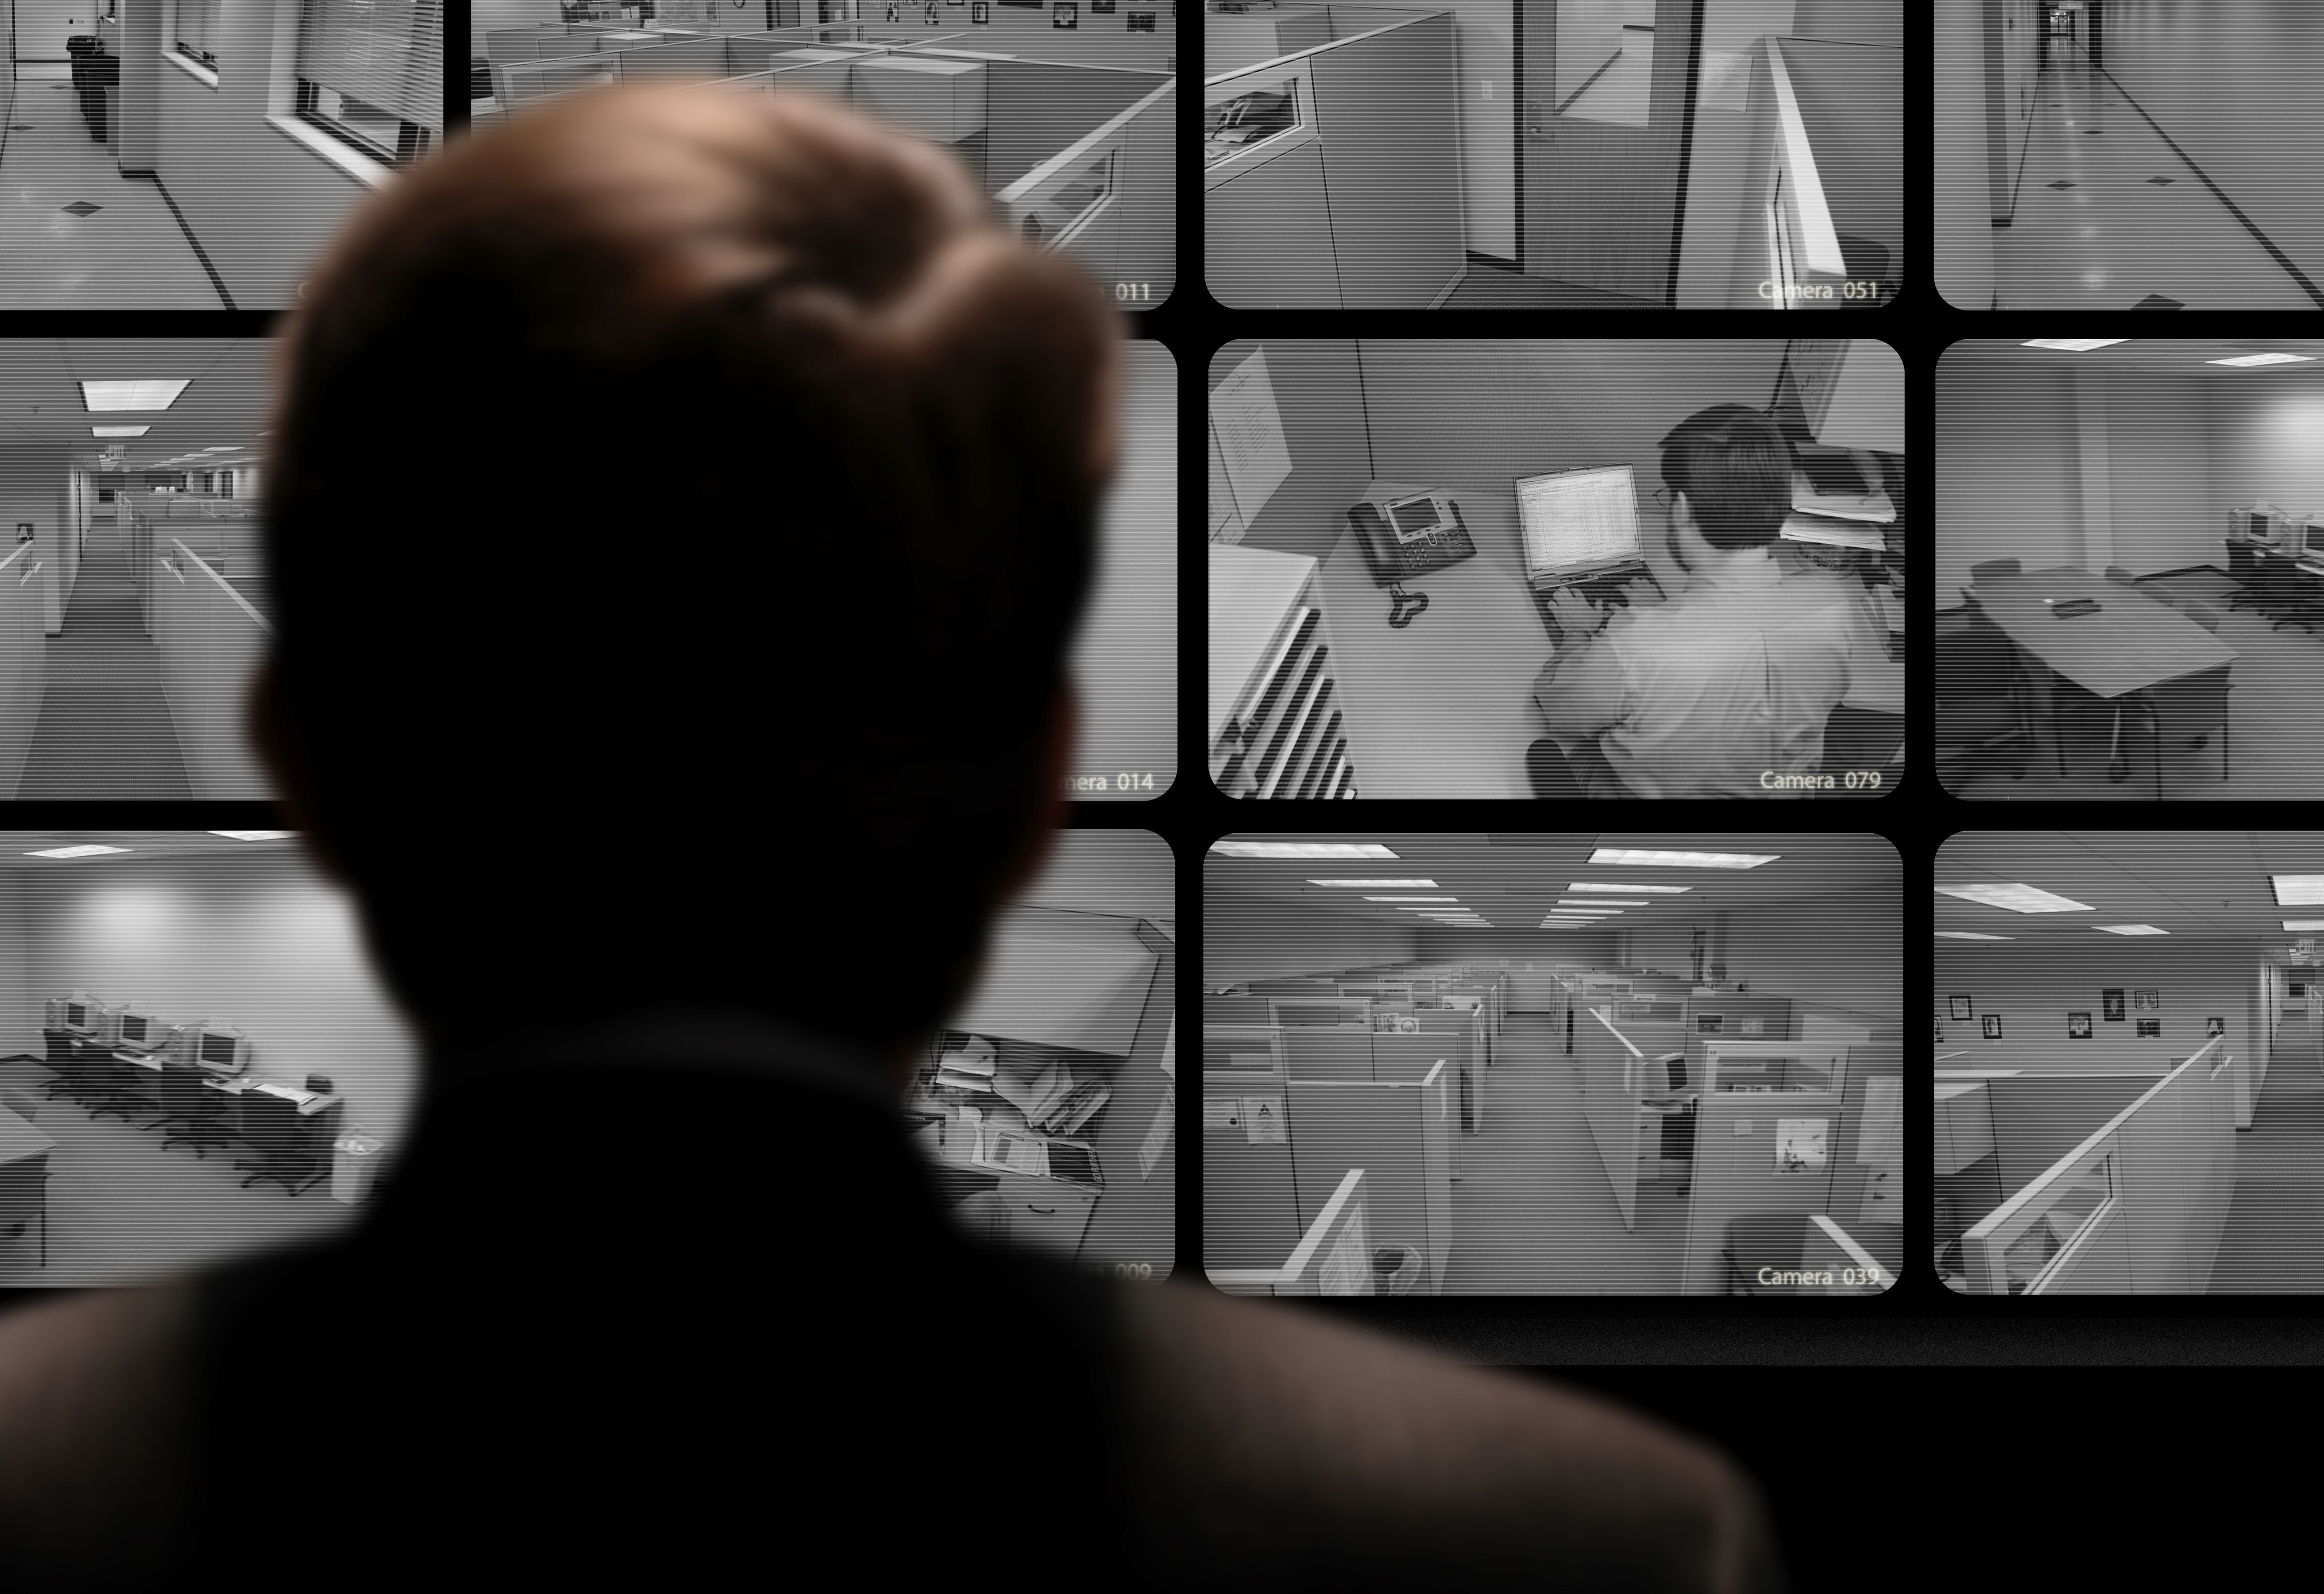 Vigilancia y control de accesos para empresas